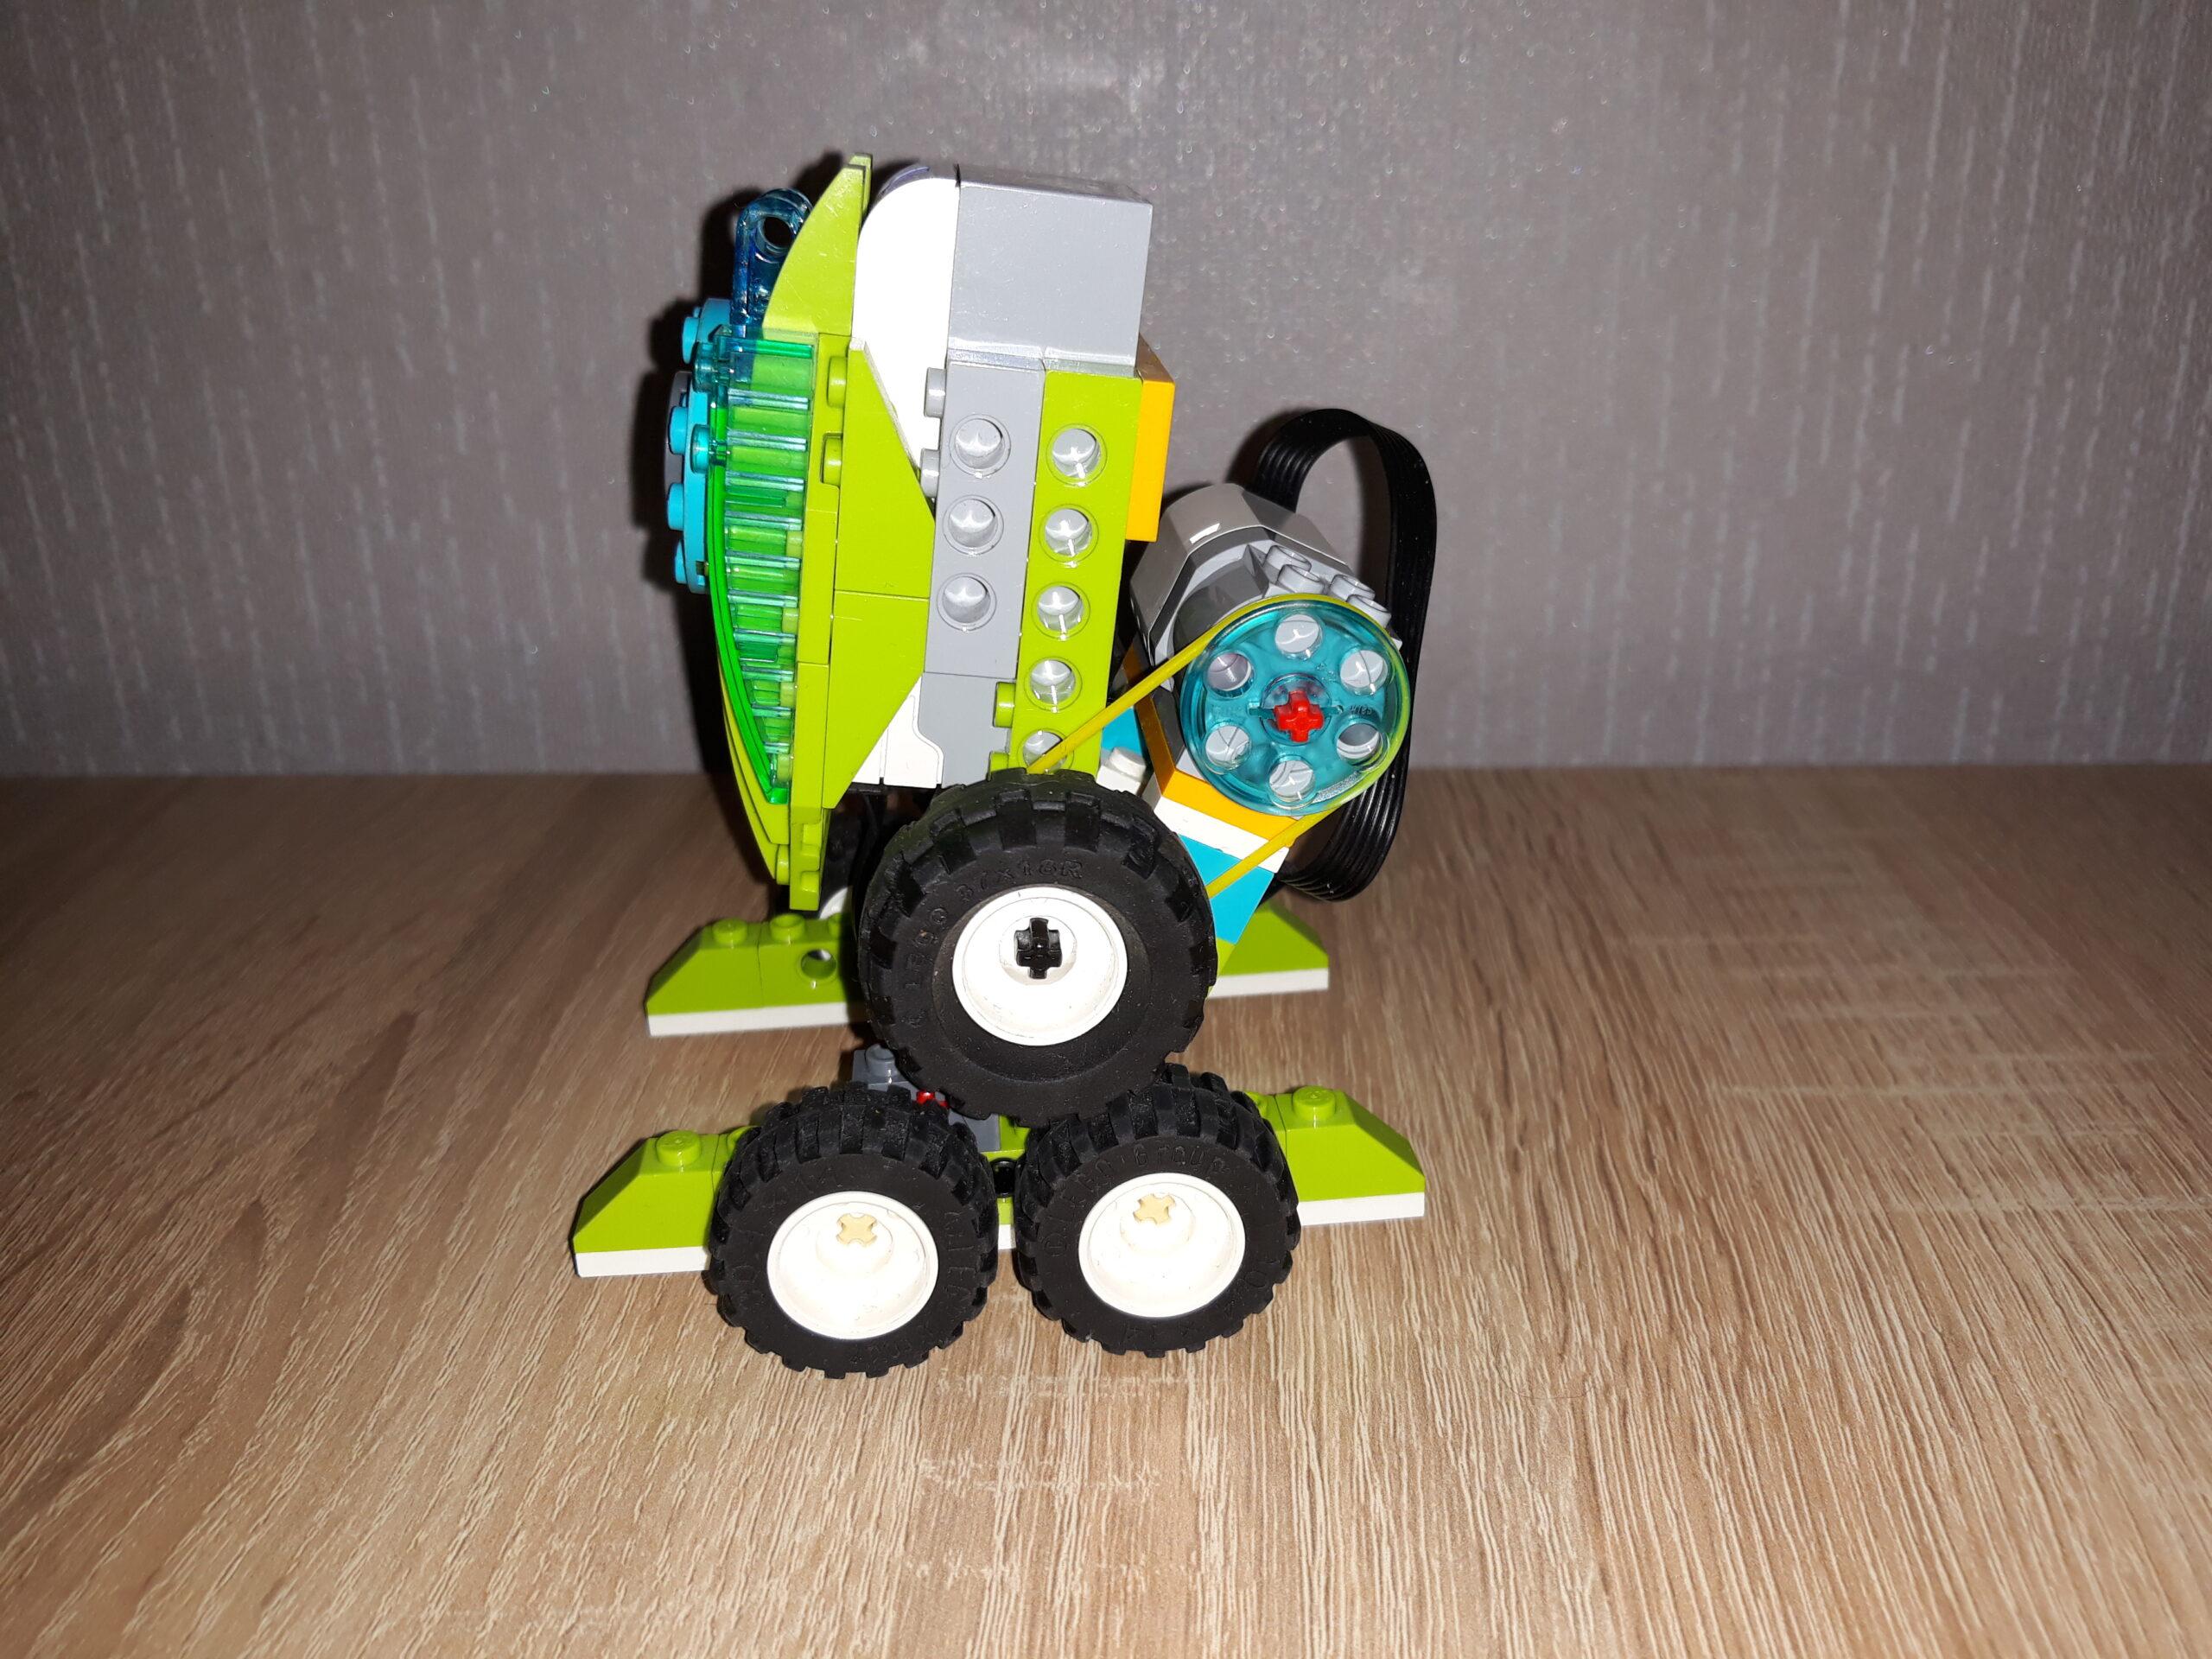 Схема сборки из набора LEGO Education WeDo 2.0 Робот R2D2